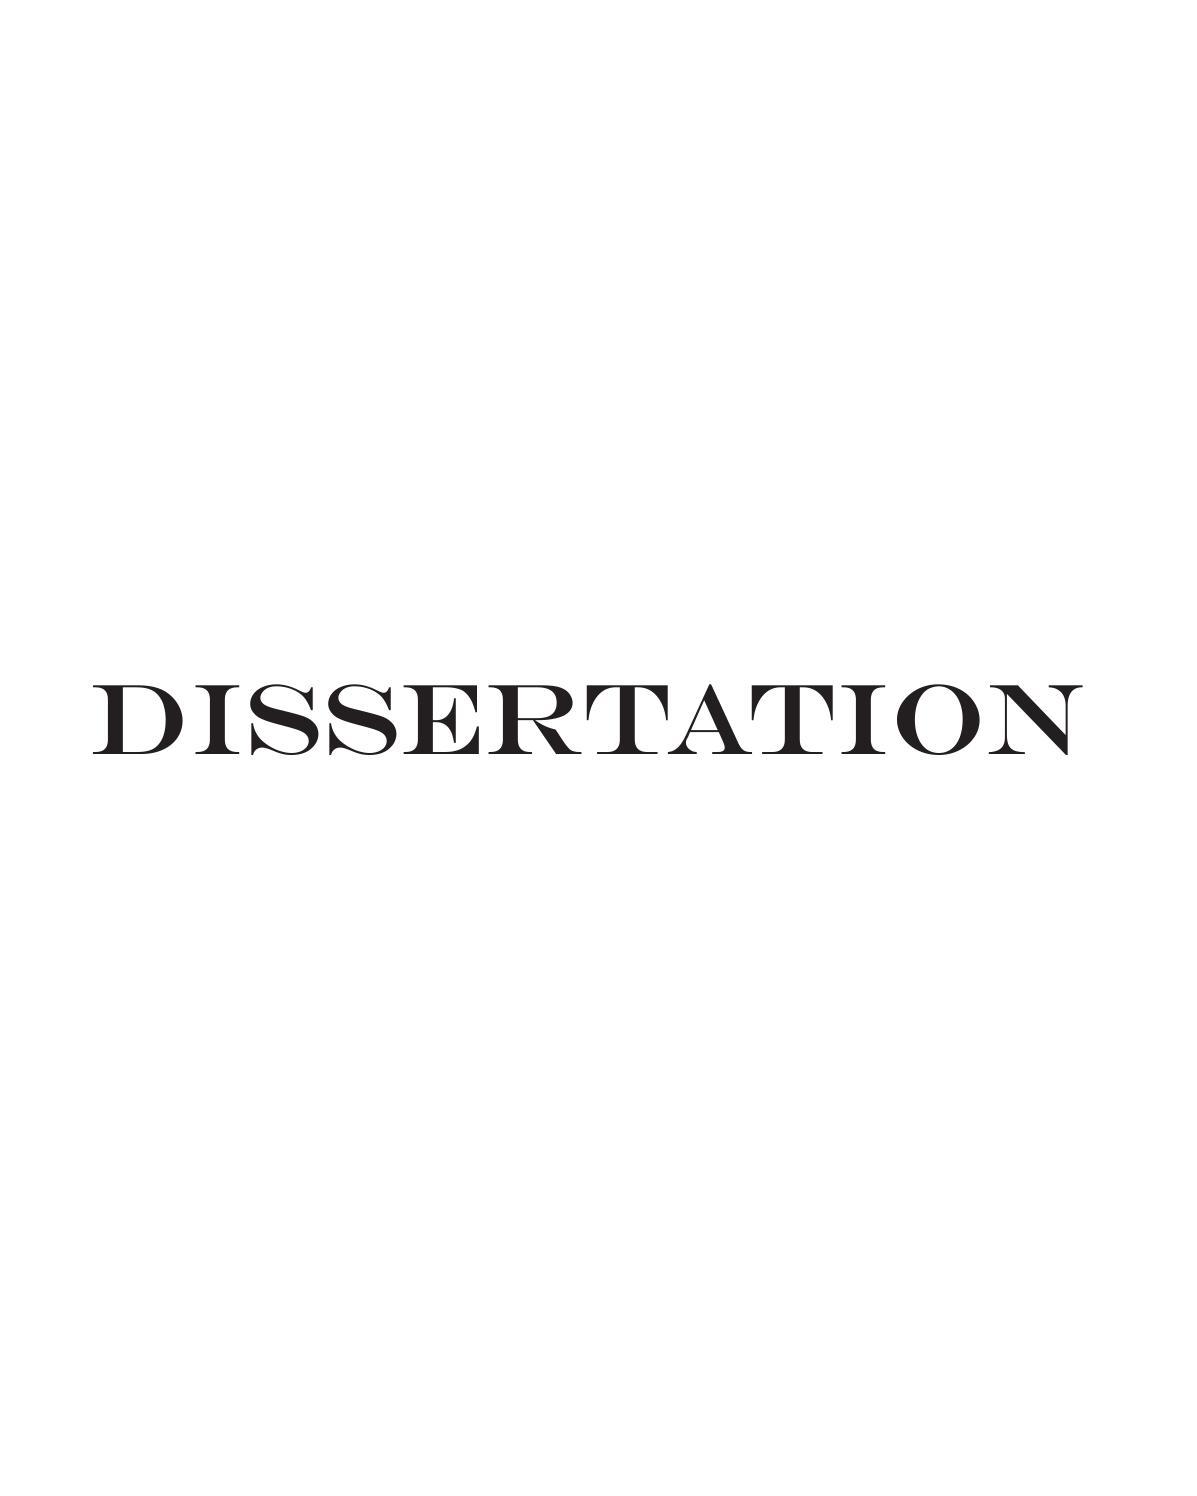 dissertation ne pas mentir Pour rousseau, « mentir sans profit, ni préjudice de soi, ni d'autrui, n'est pas mentir : ne pas coudre de ces loques poulies.